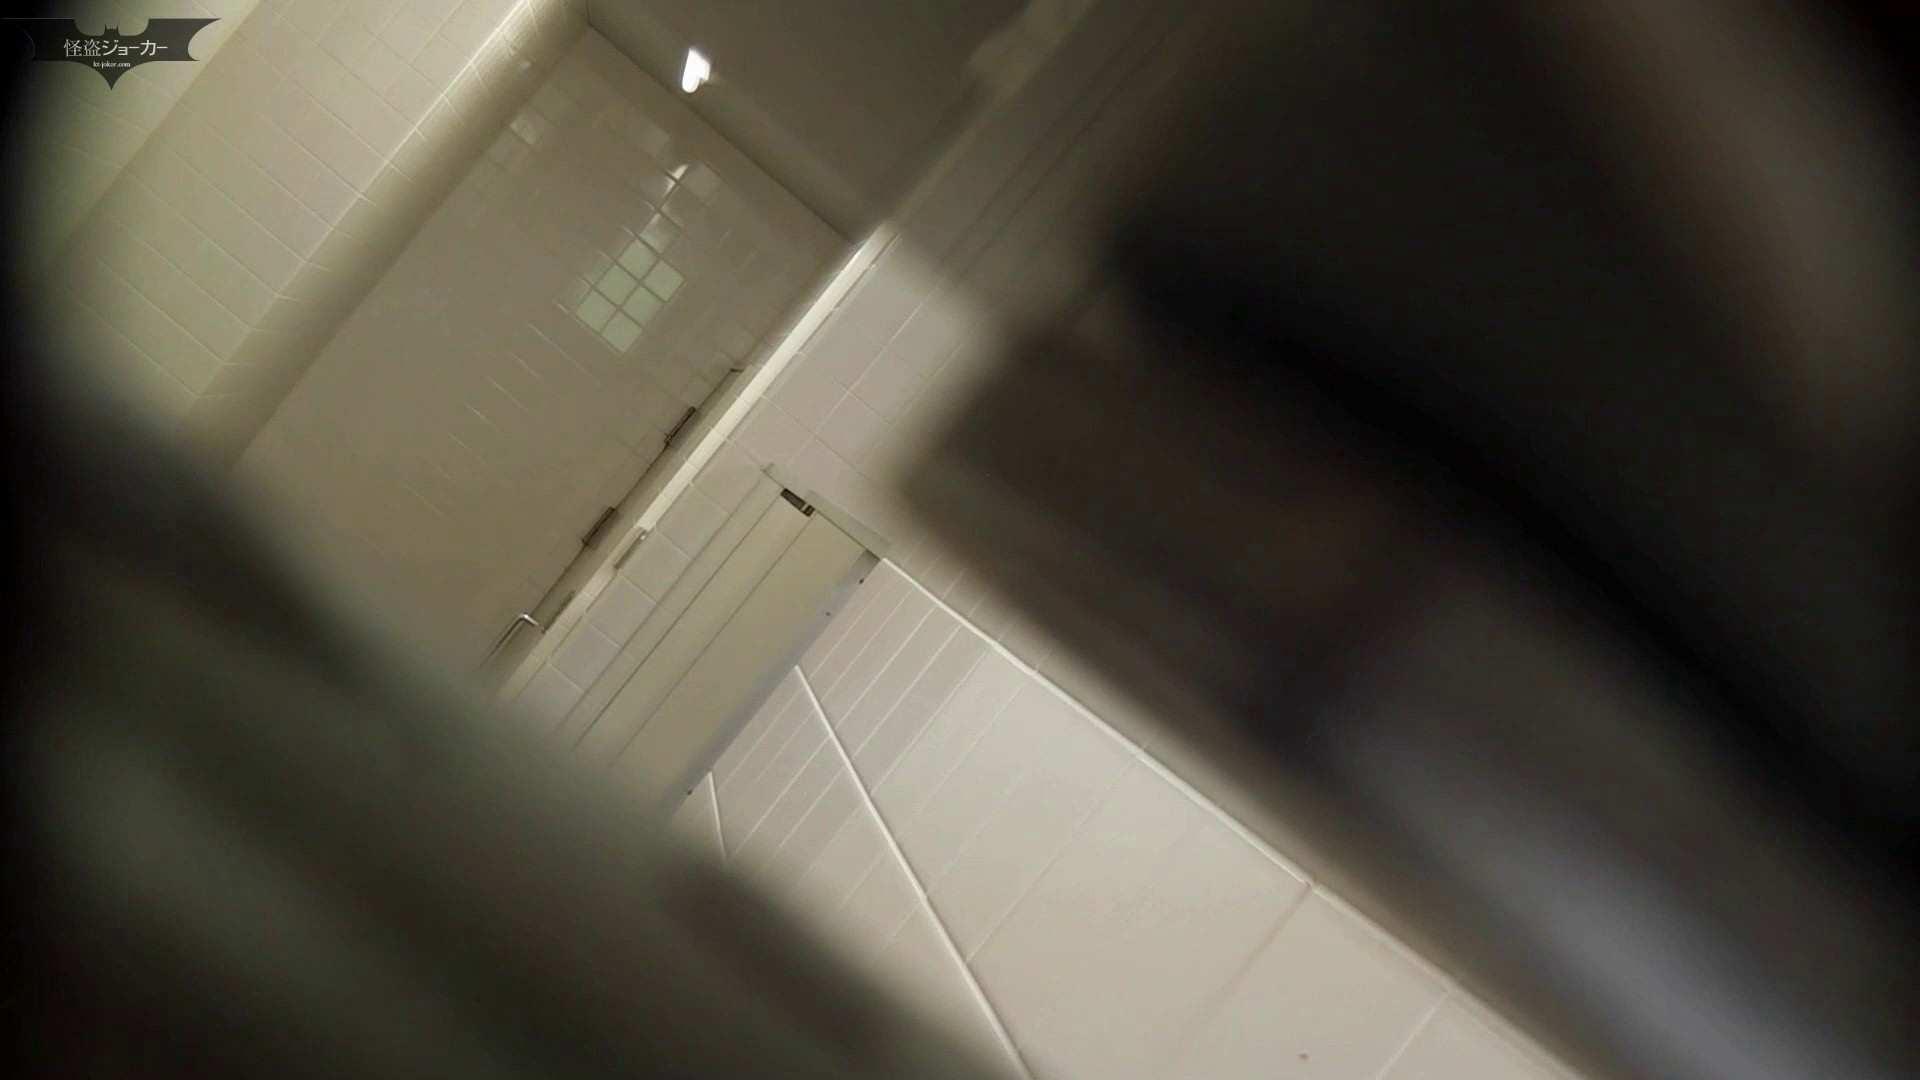 お銀さんの「洗面所突入レポート!!」 vol.51 突入最前線!おまけ付き OL | 洗面所着替え  76連発 34